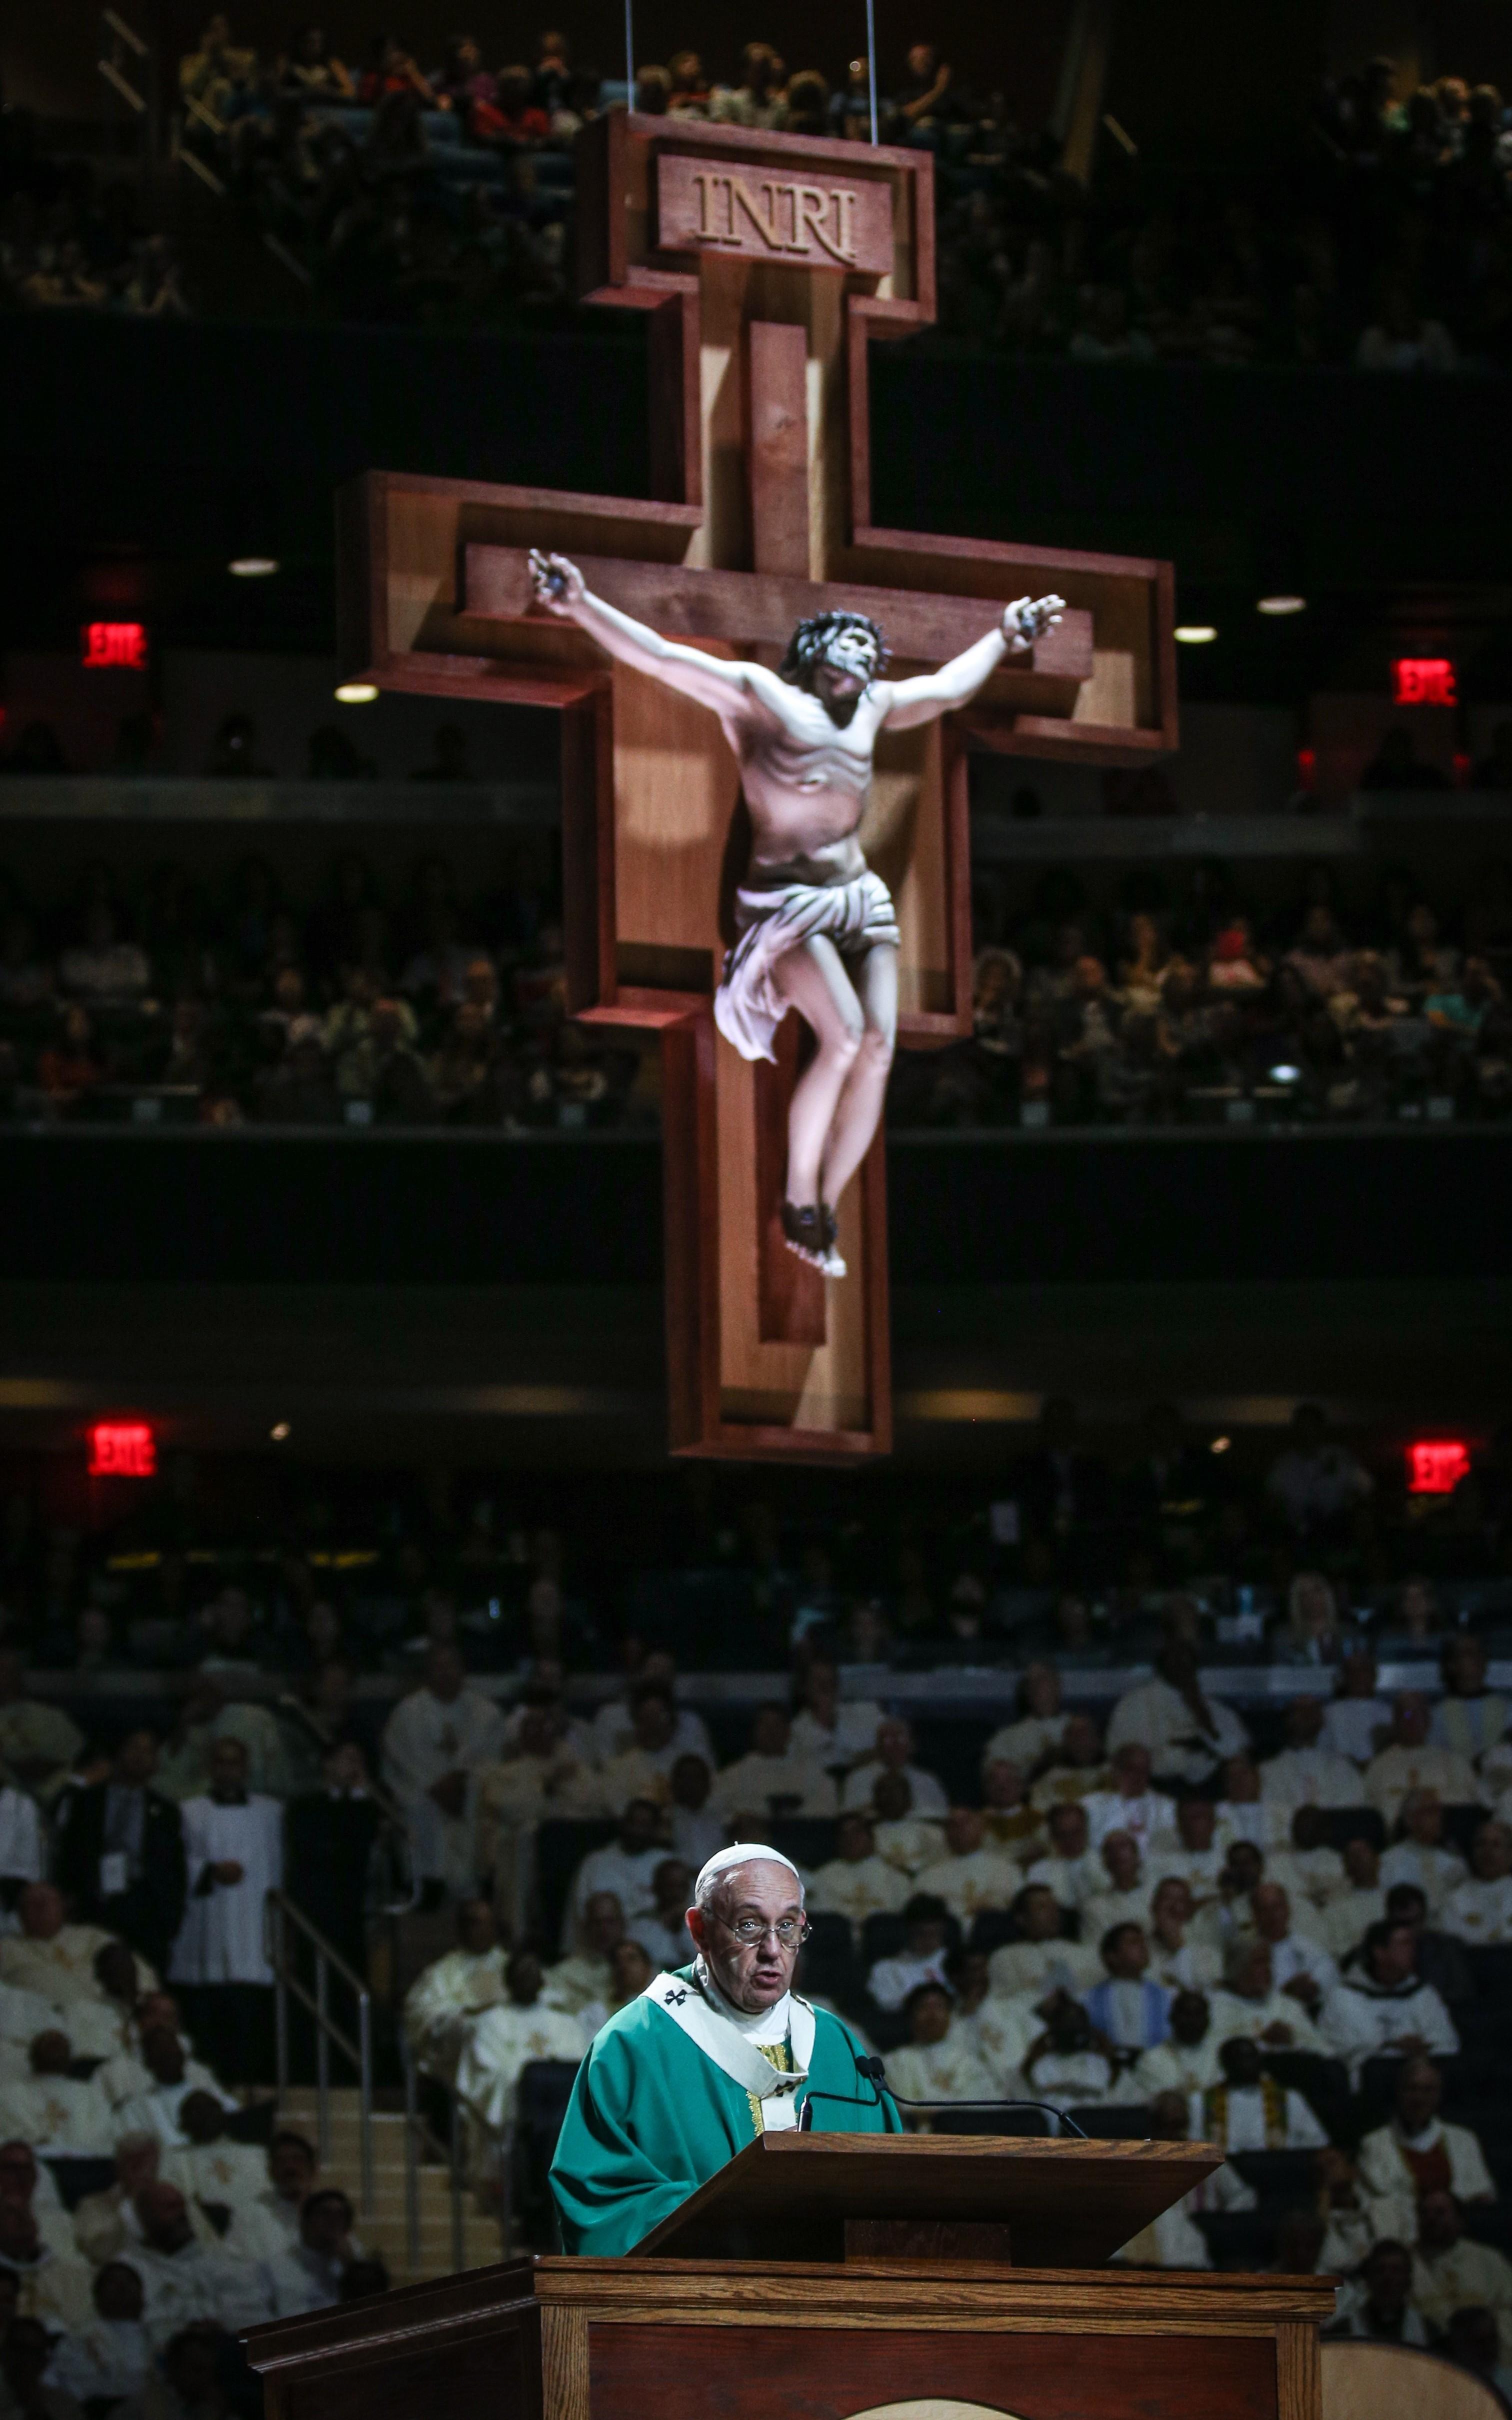 Огромное распятие, висевшее позади понтифика во время его выступления, было создано вмастерских Tait — конструкция так понравилась папе, что он попросил разрешения забрать ее ссобой вВатикан